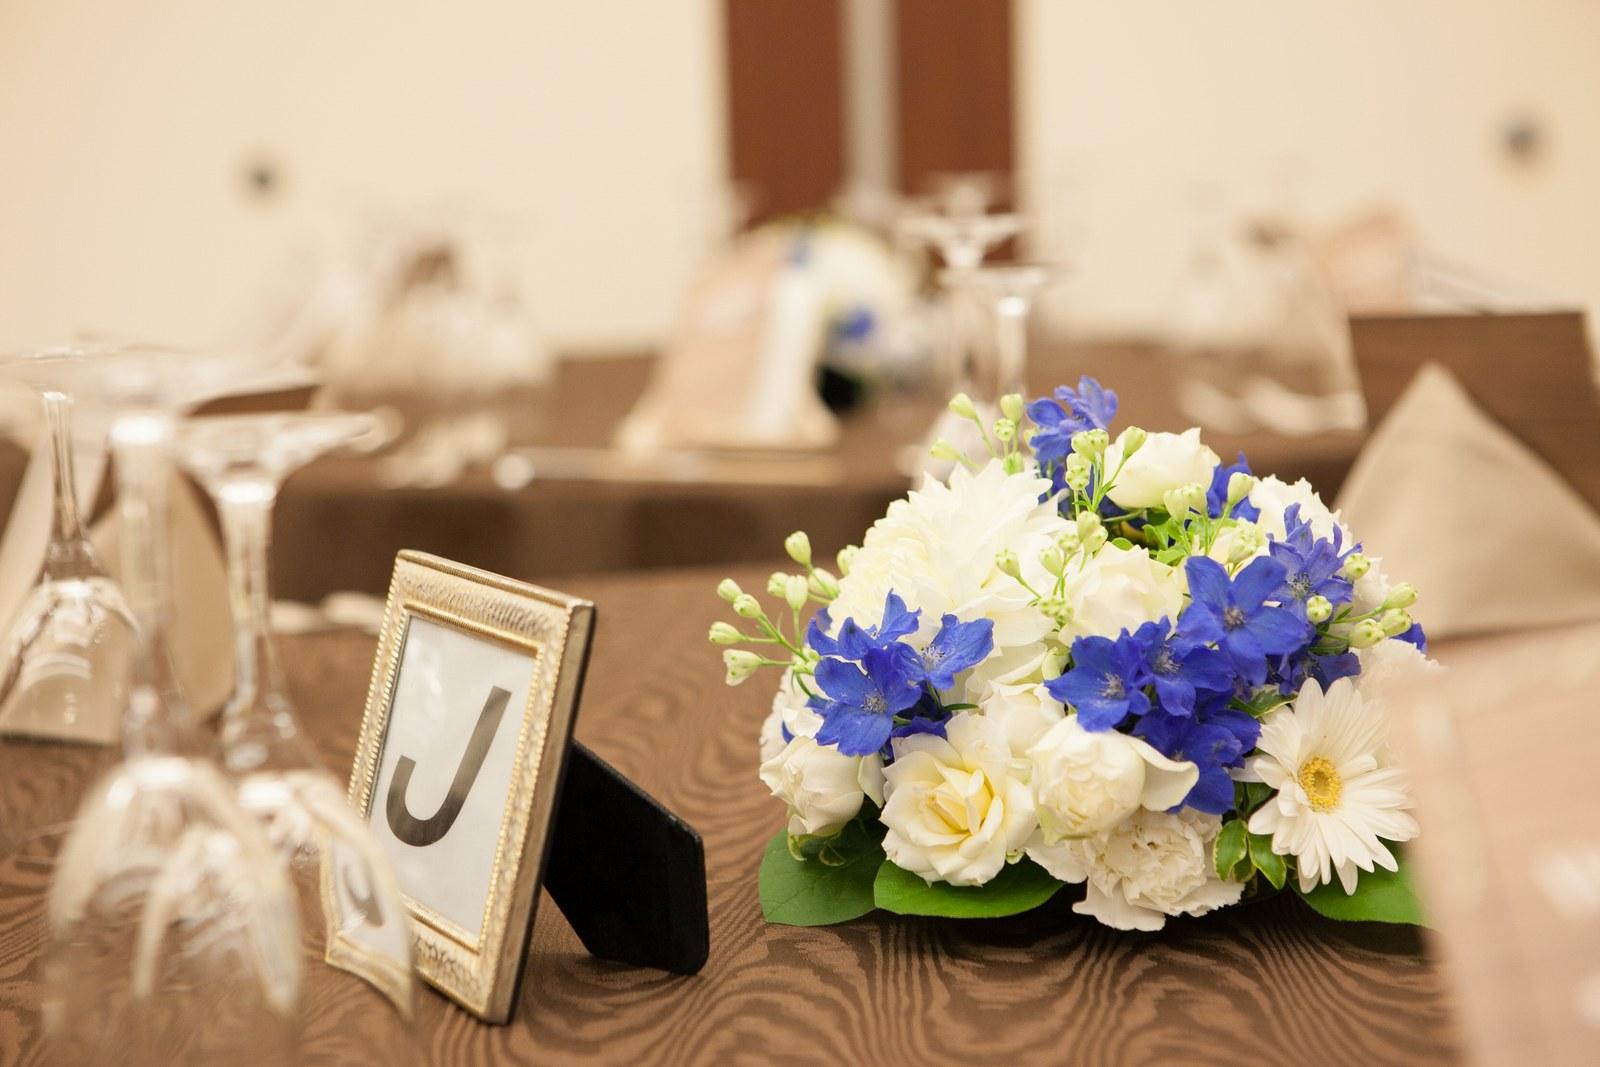 徳島市の結婚式場ブランアンジュで披露宴でのテーブル装花